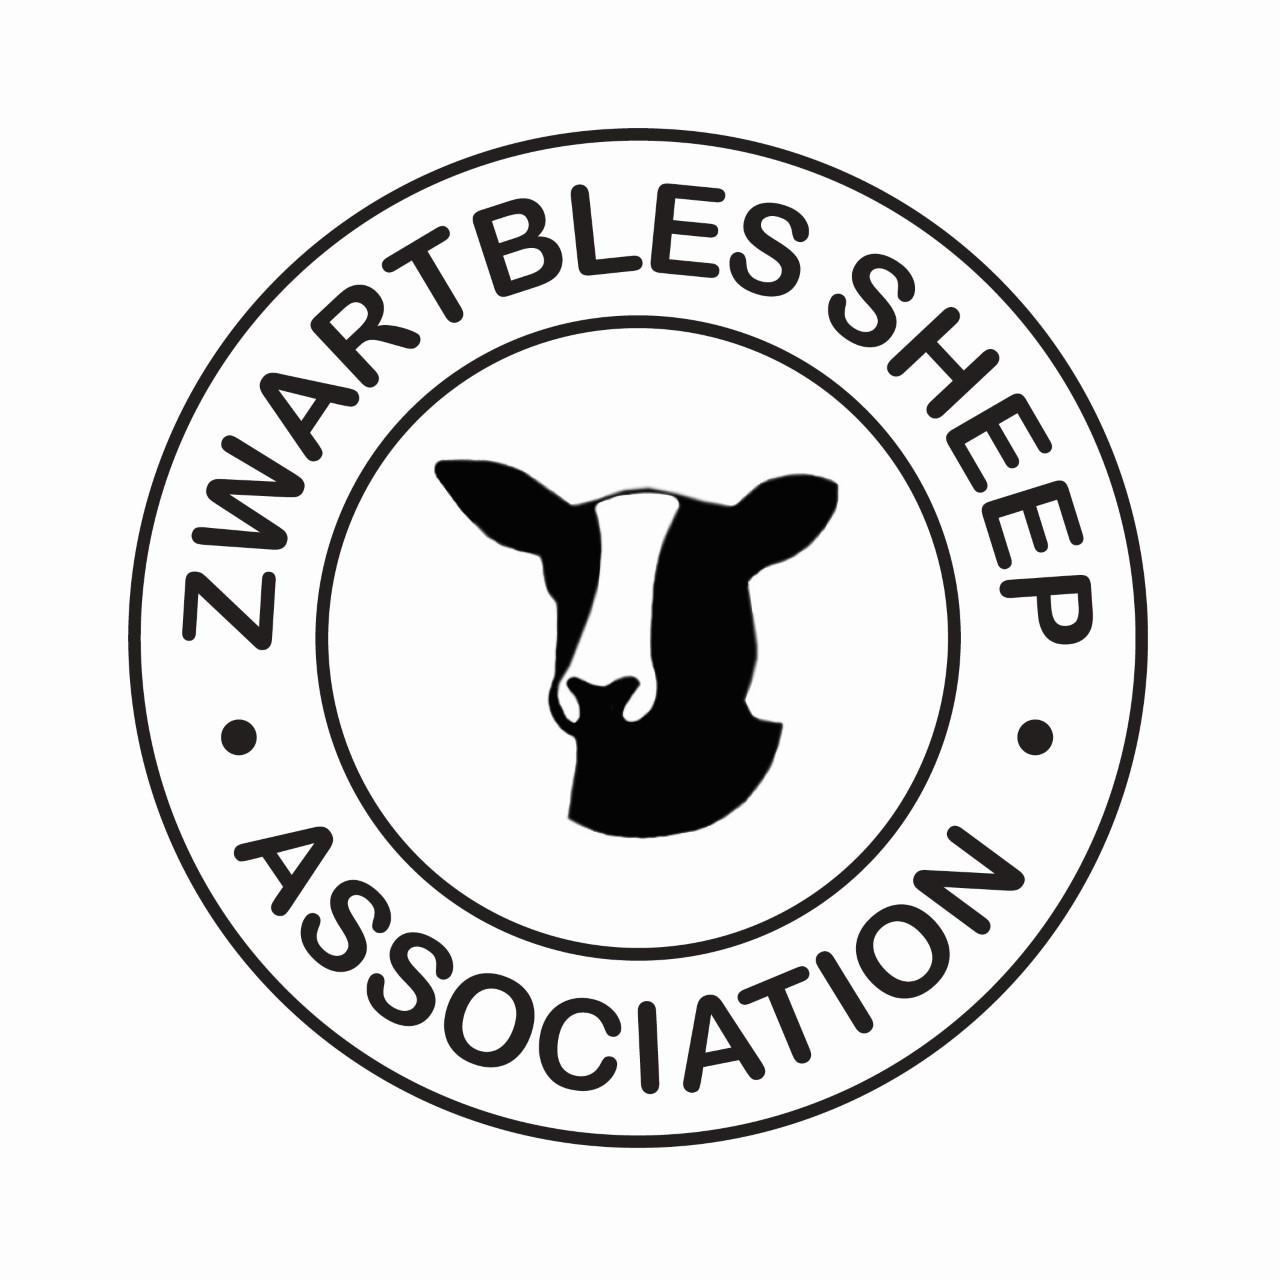 Zwartbles Sheep Association